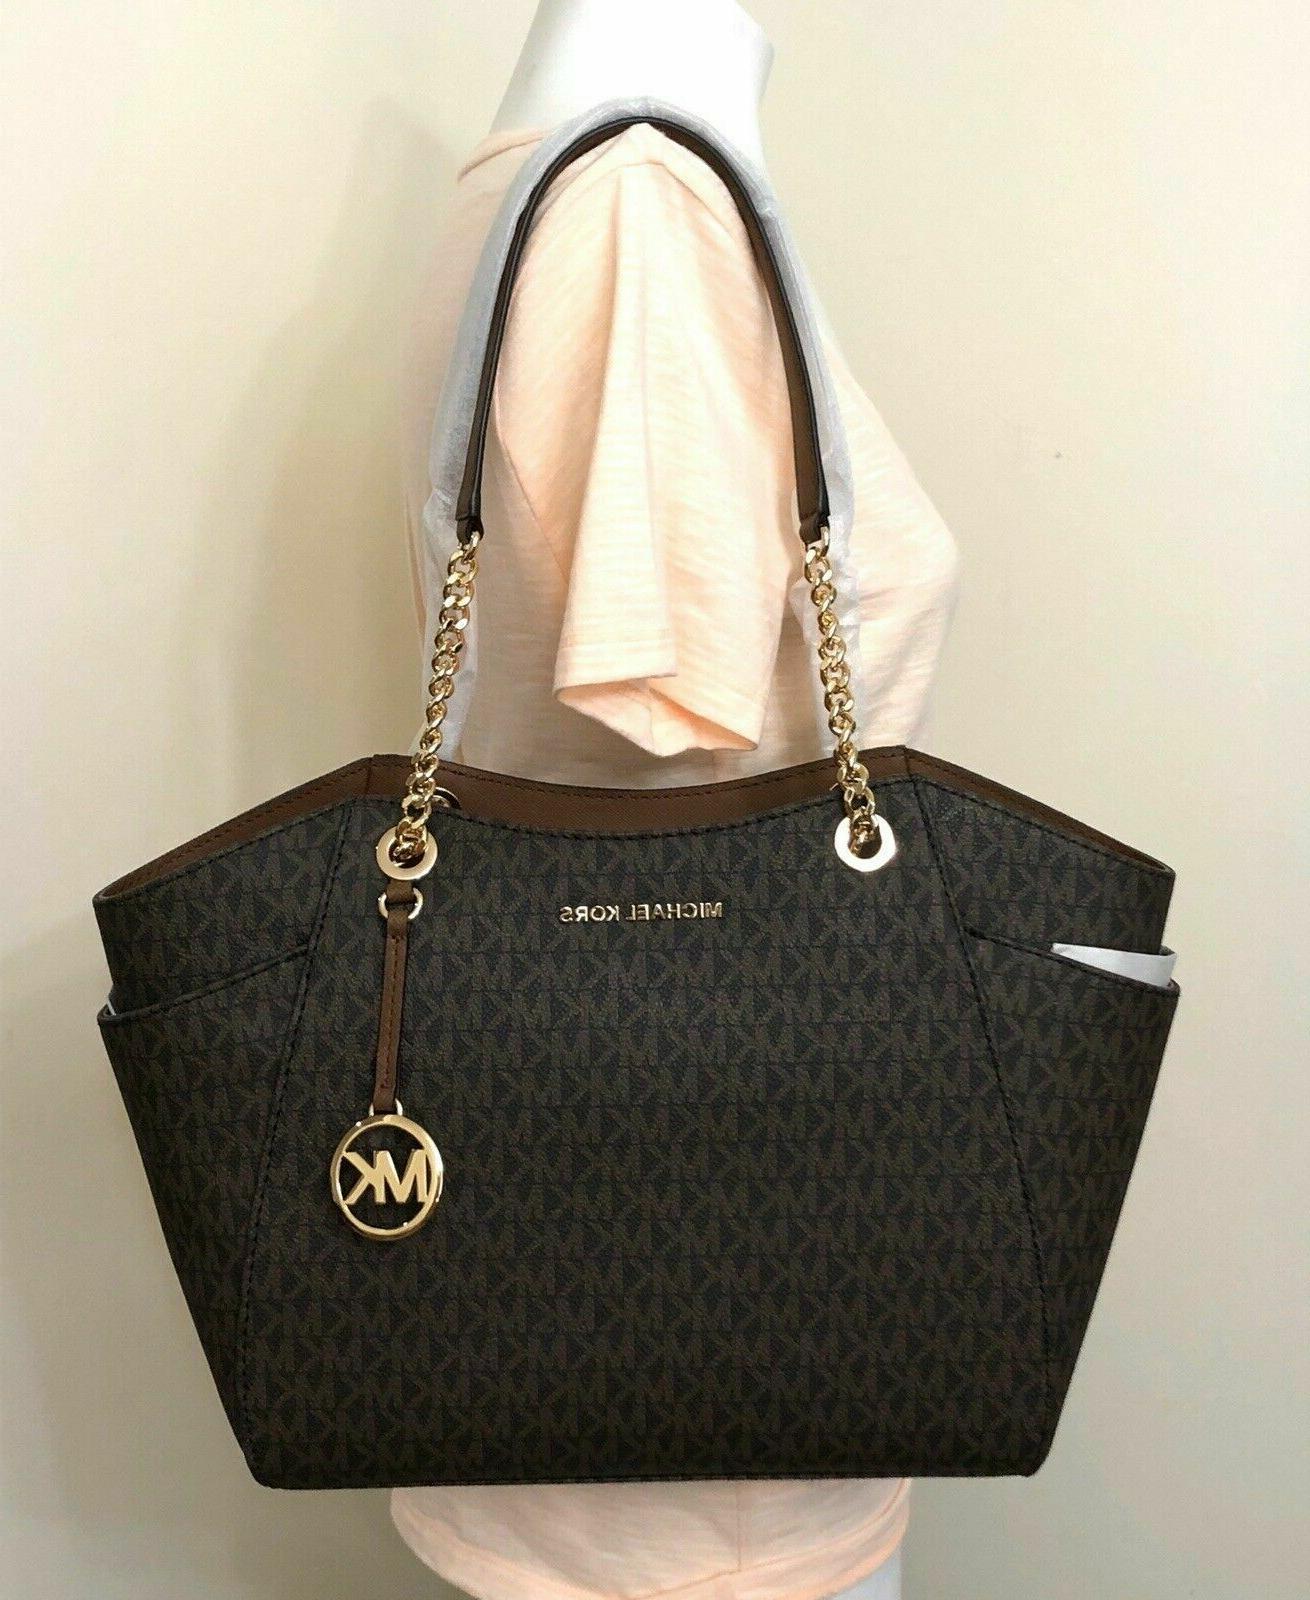 Michael Kors Chain MK Signature Large Tote Bag